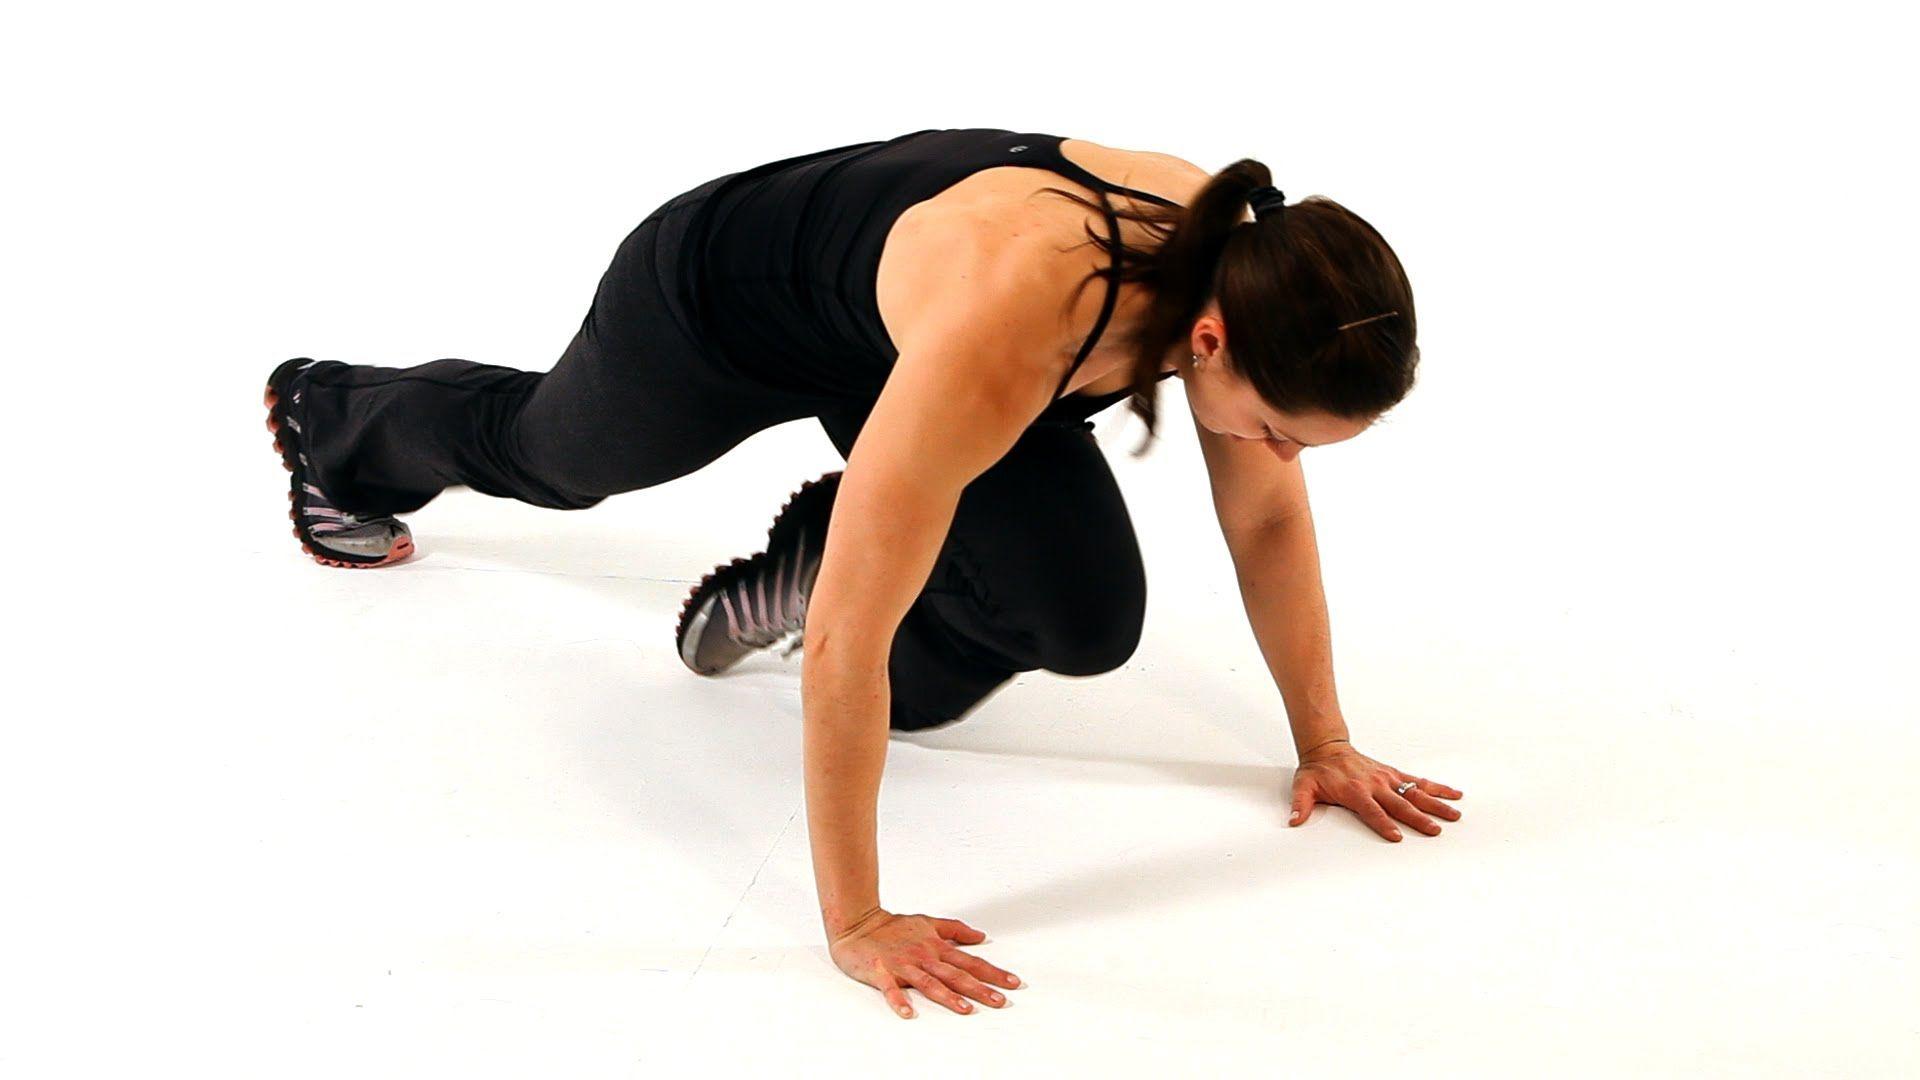 5.Plank climb